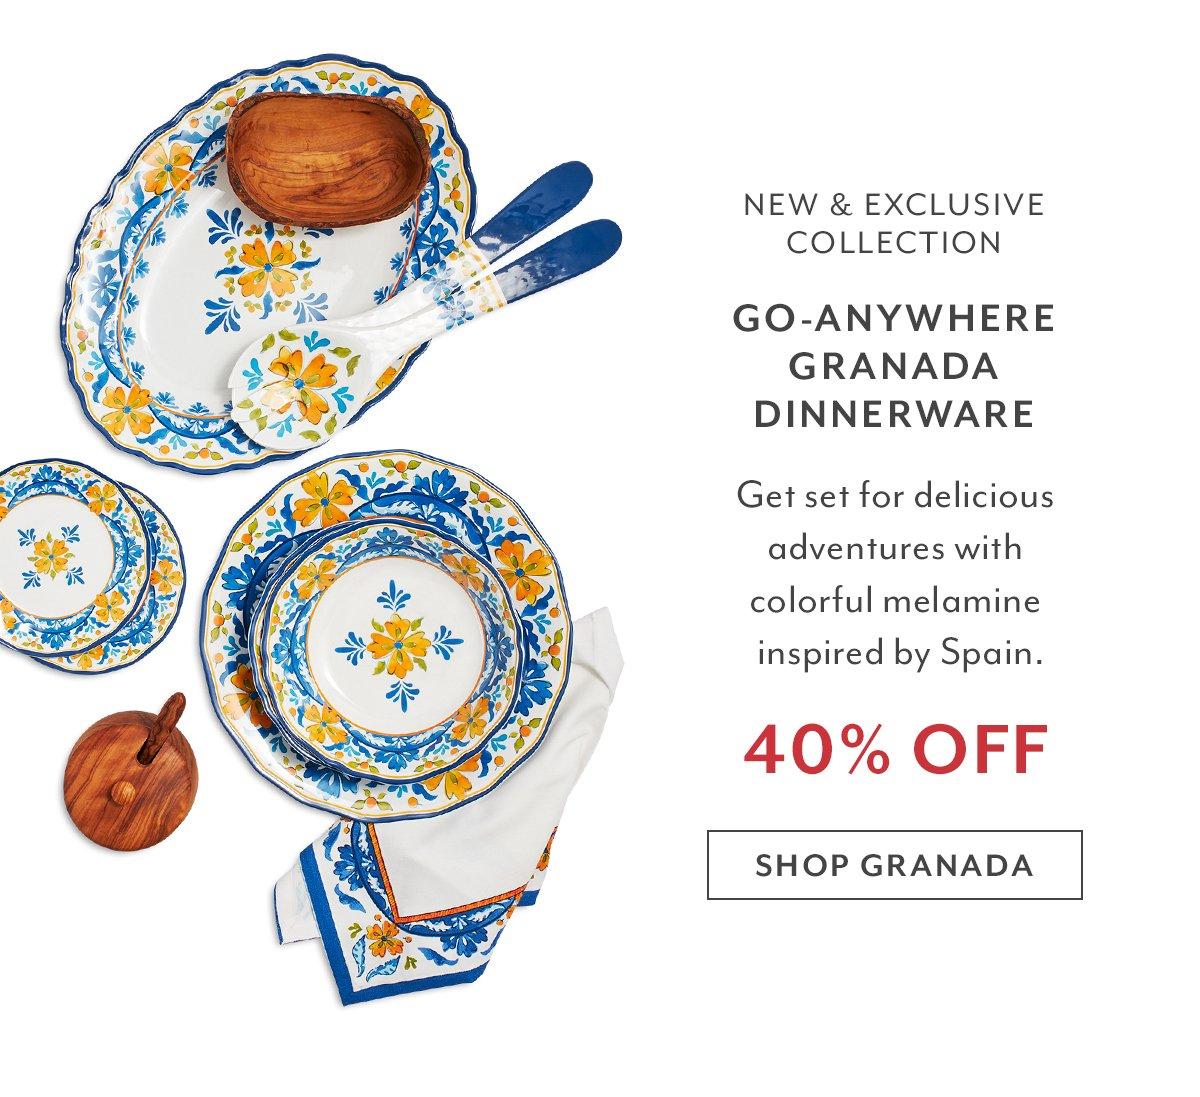 Go-Anywhere Granada Dinnerware